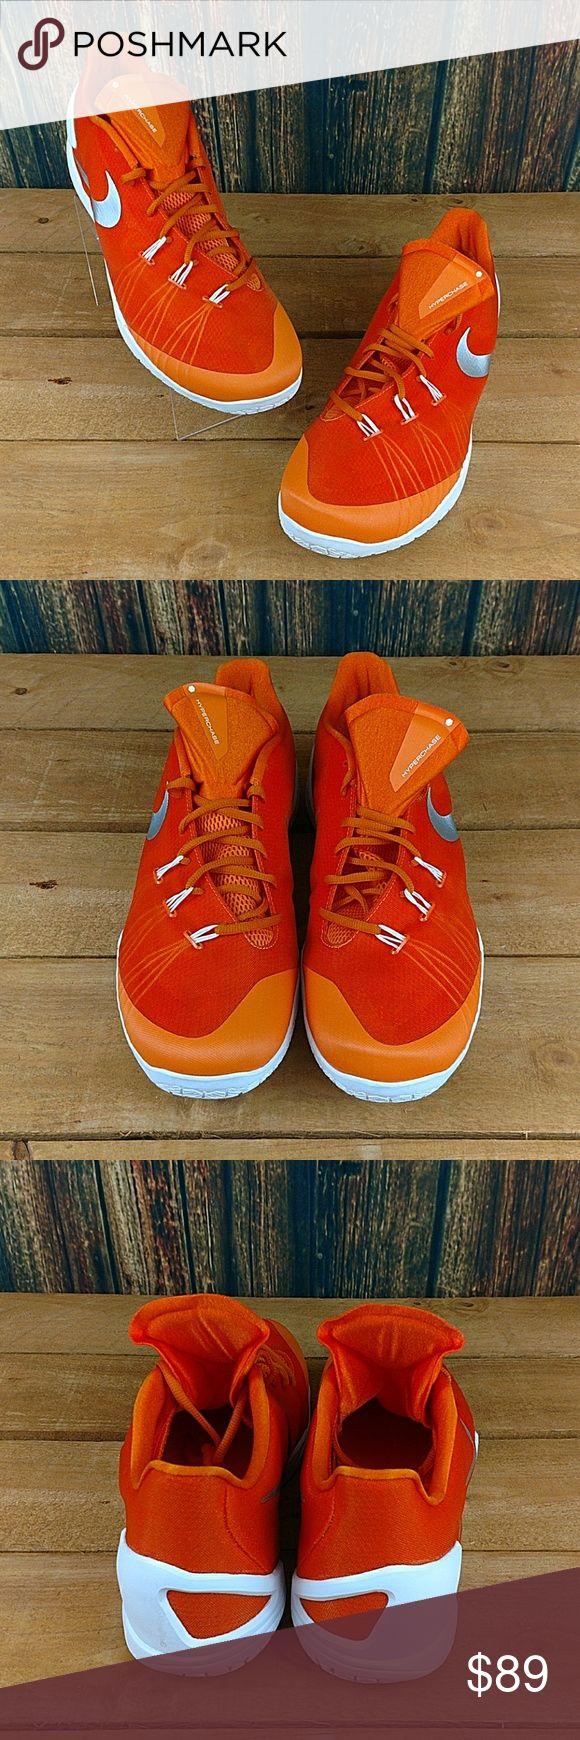 NIKE MEN'S HYPERCHASE TB ORANGE BASKETBALL SHOES NIKE MEN'S HYPERCHASE TB ORANGE BASKETBALL SHOES  US 18 UK 17 EUR 52.5 CM 36  NEW WITHOUT BOX  #1424 Nike Shoes Athletic Shoes